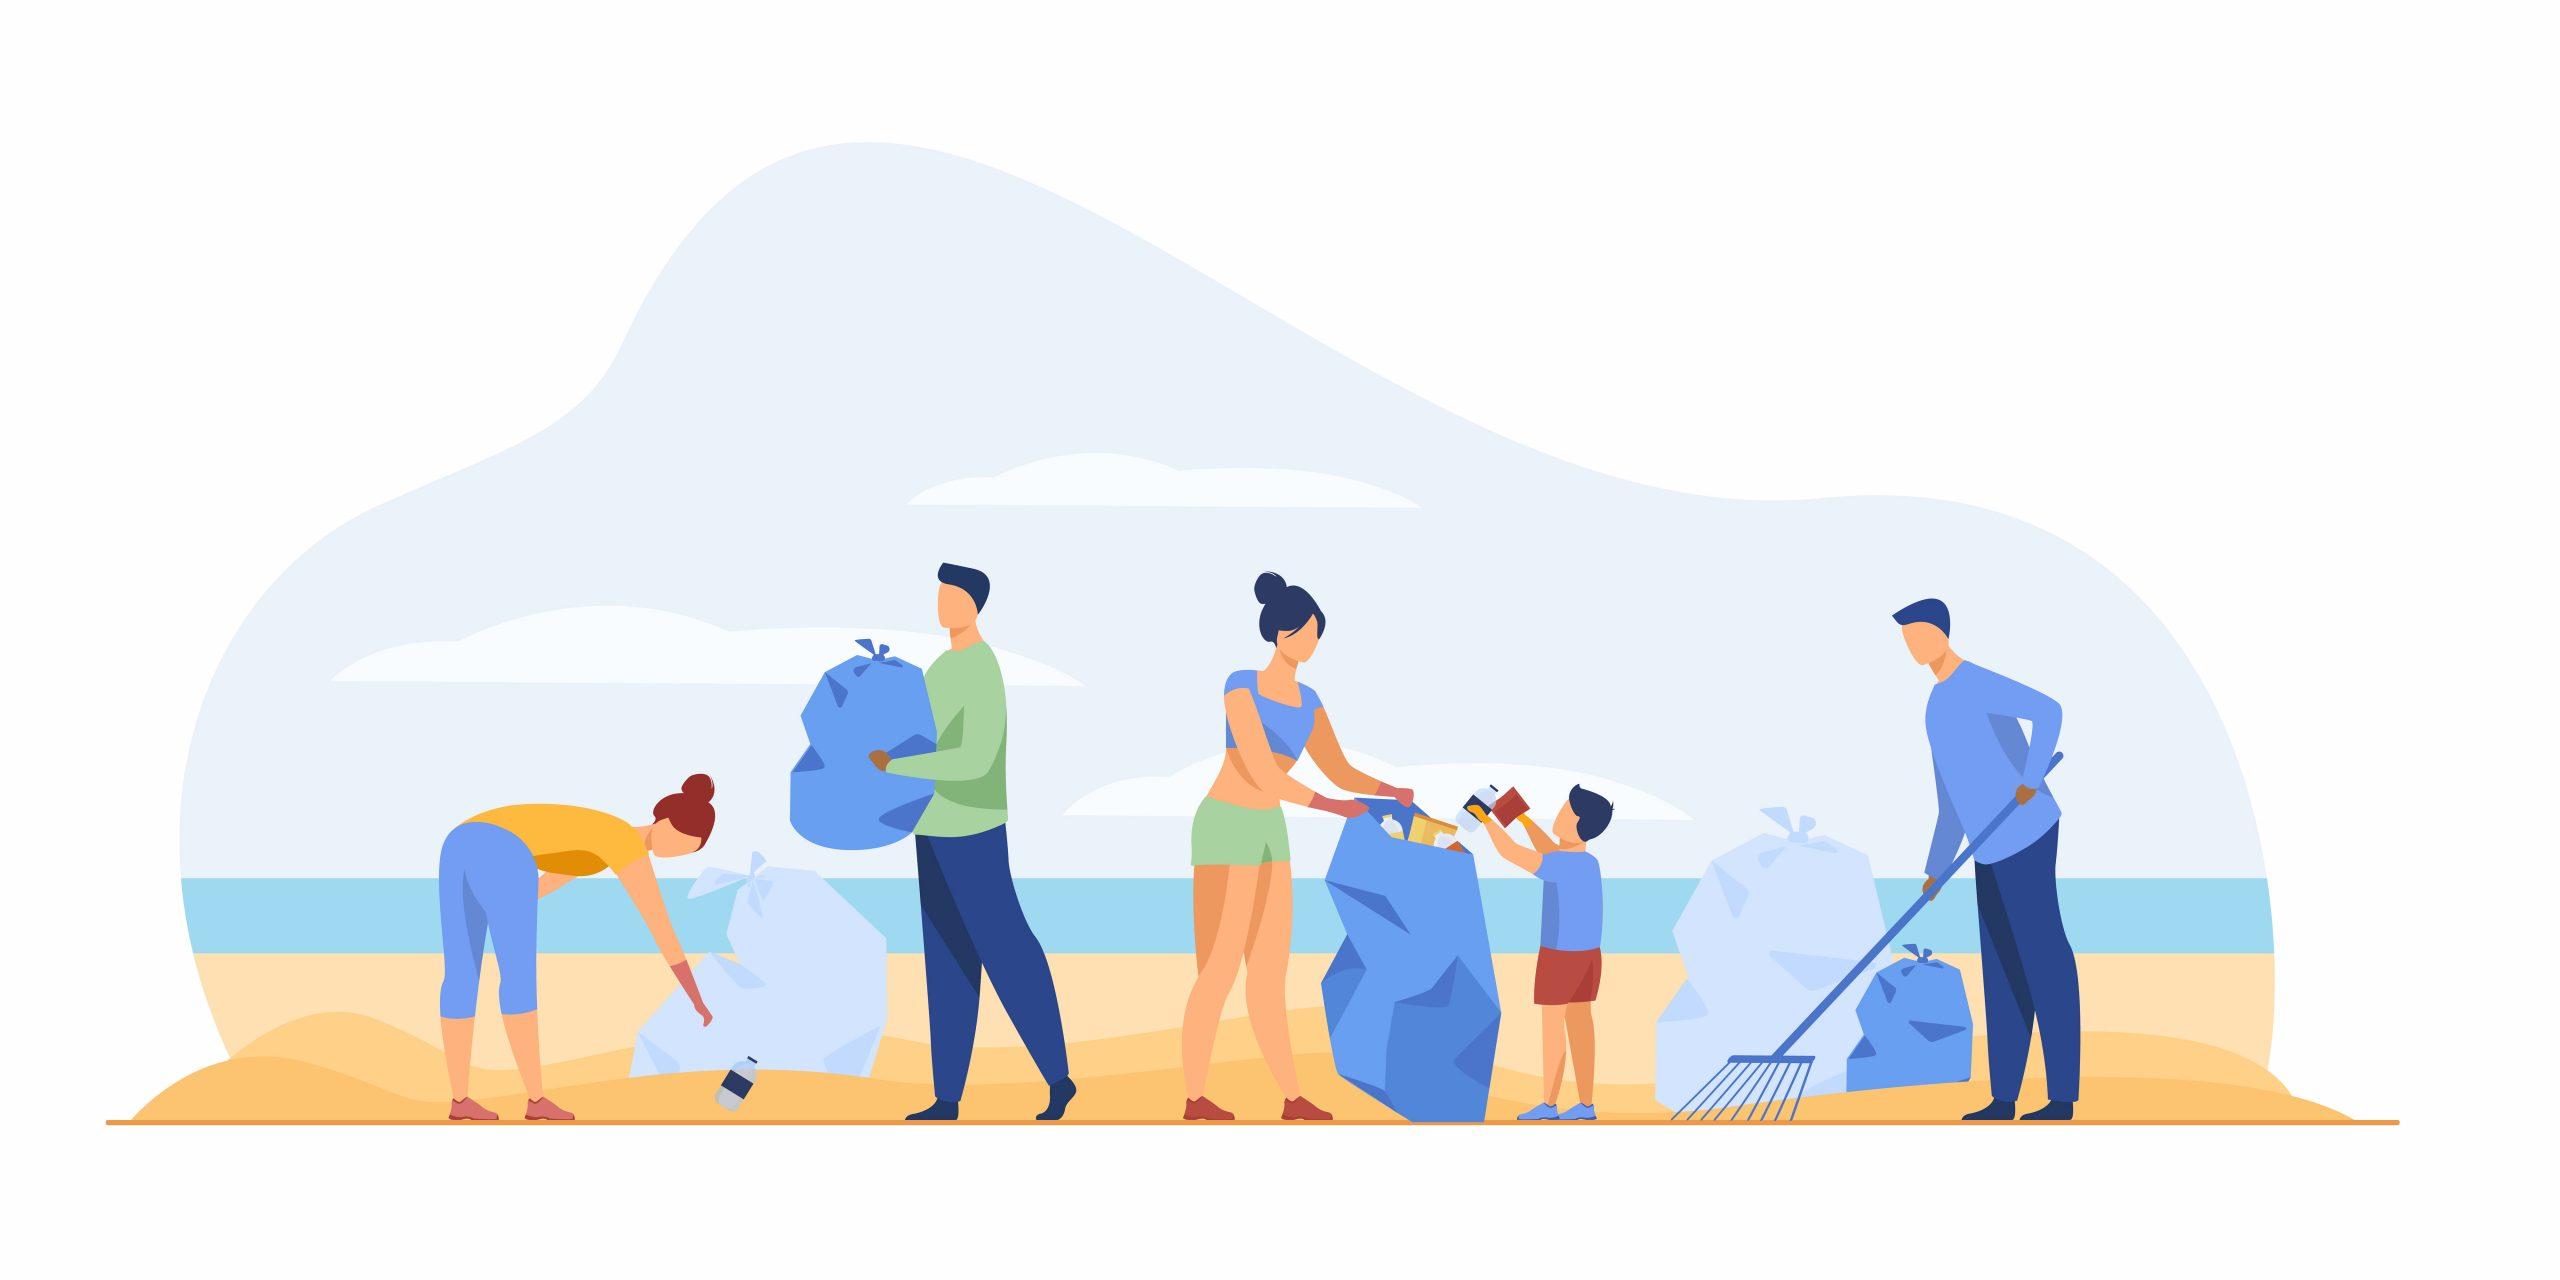 Nettoyage de plages